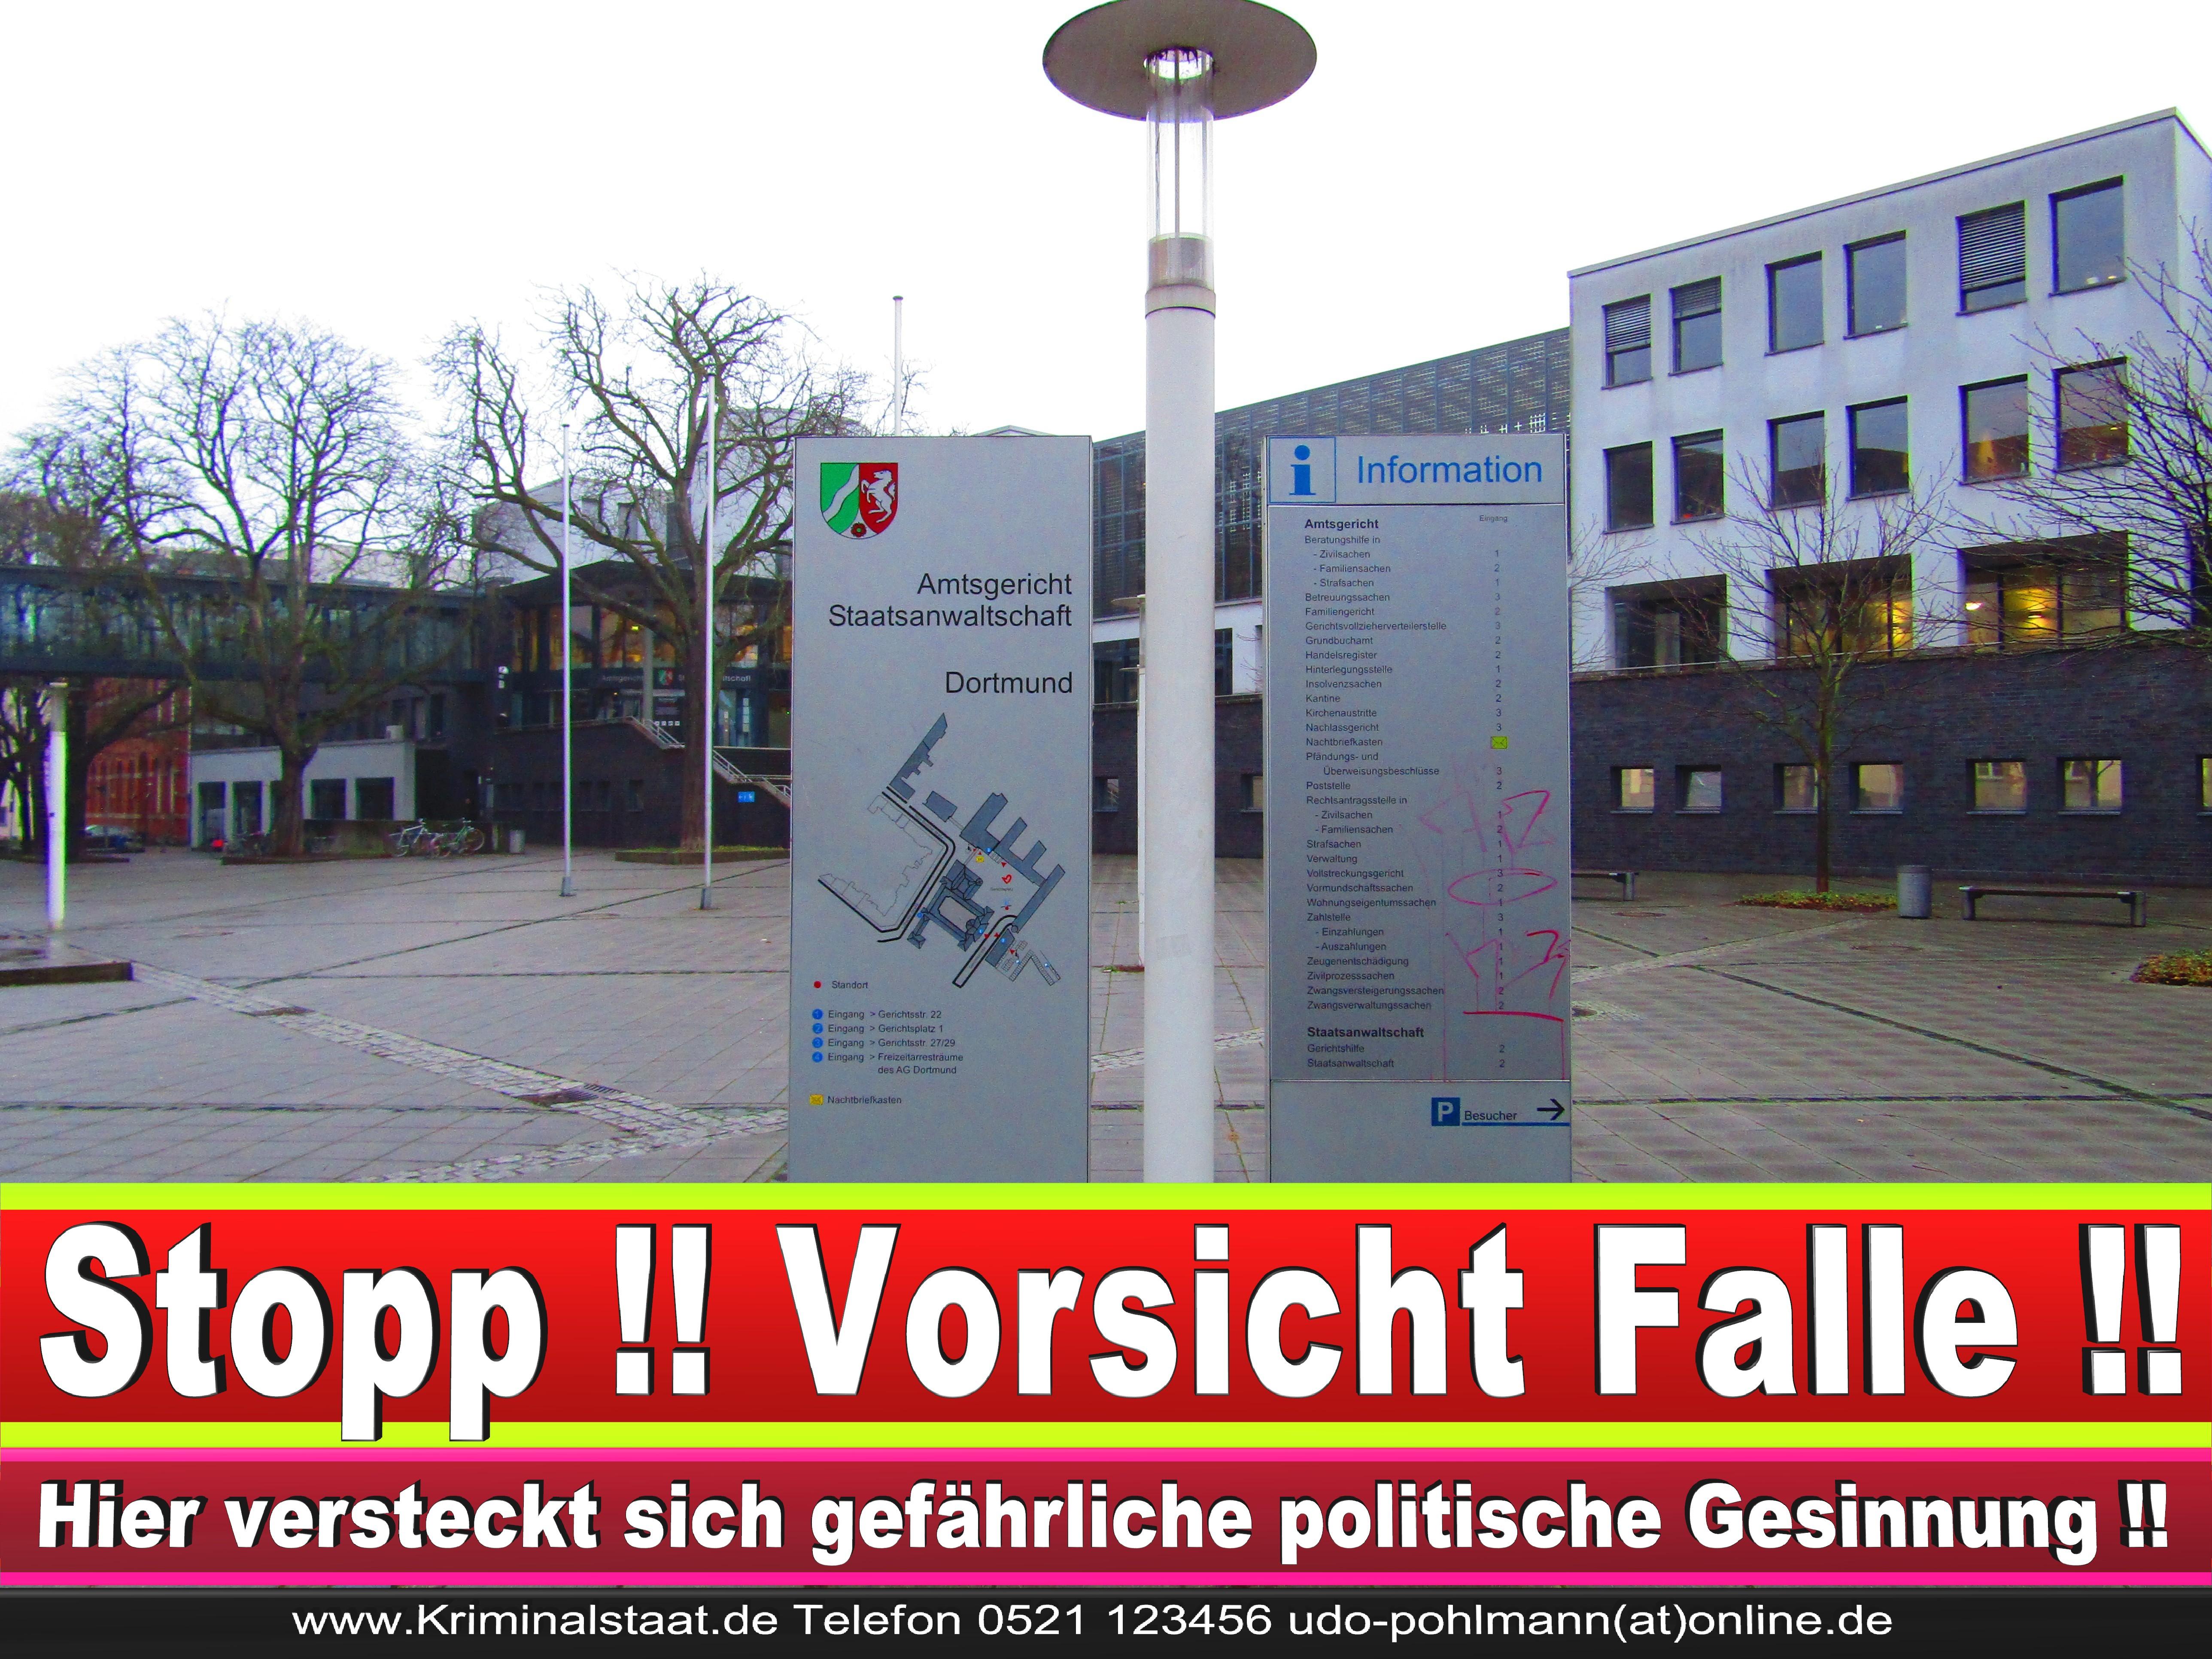 AMTSGERICHT DORTMUND RICHTER AUSBILDUNG PRAKTIKUM ANFAHRT URTEILE KORRUPTION POLIZEI ADRESSE DIREKTOR (13) 2